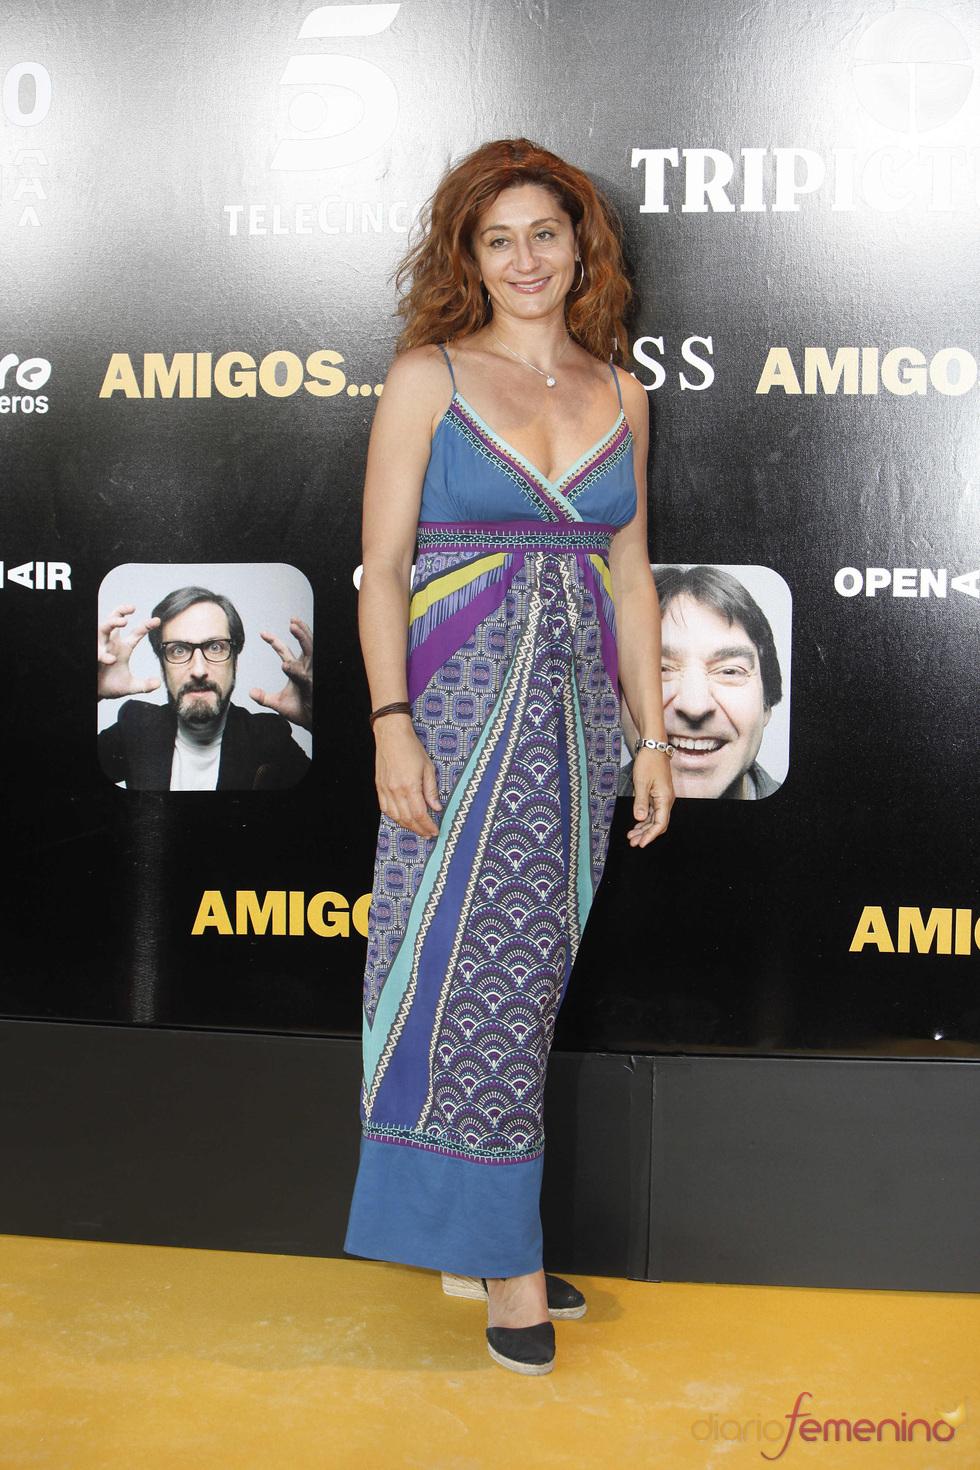 La actriz Chiqui Fernández en el estreno de la película 'Amigos'